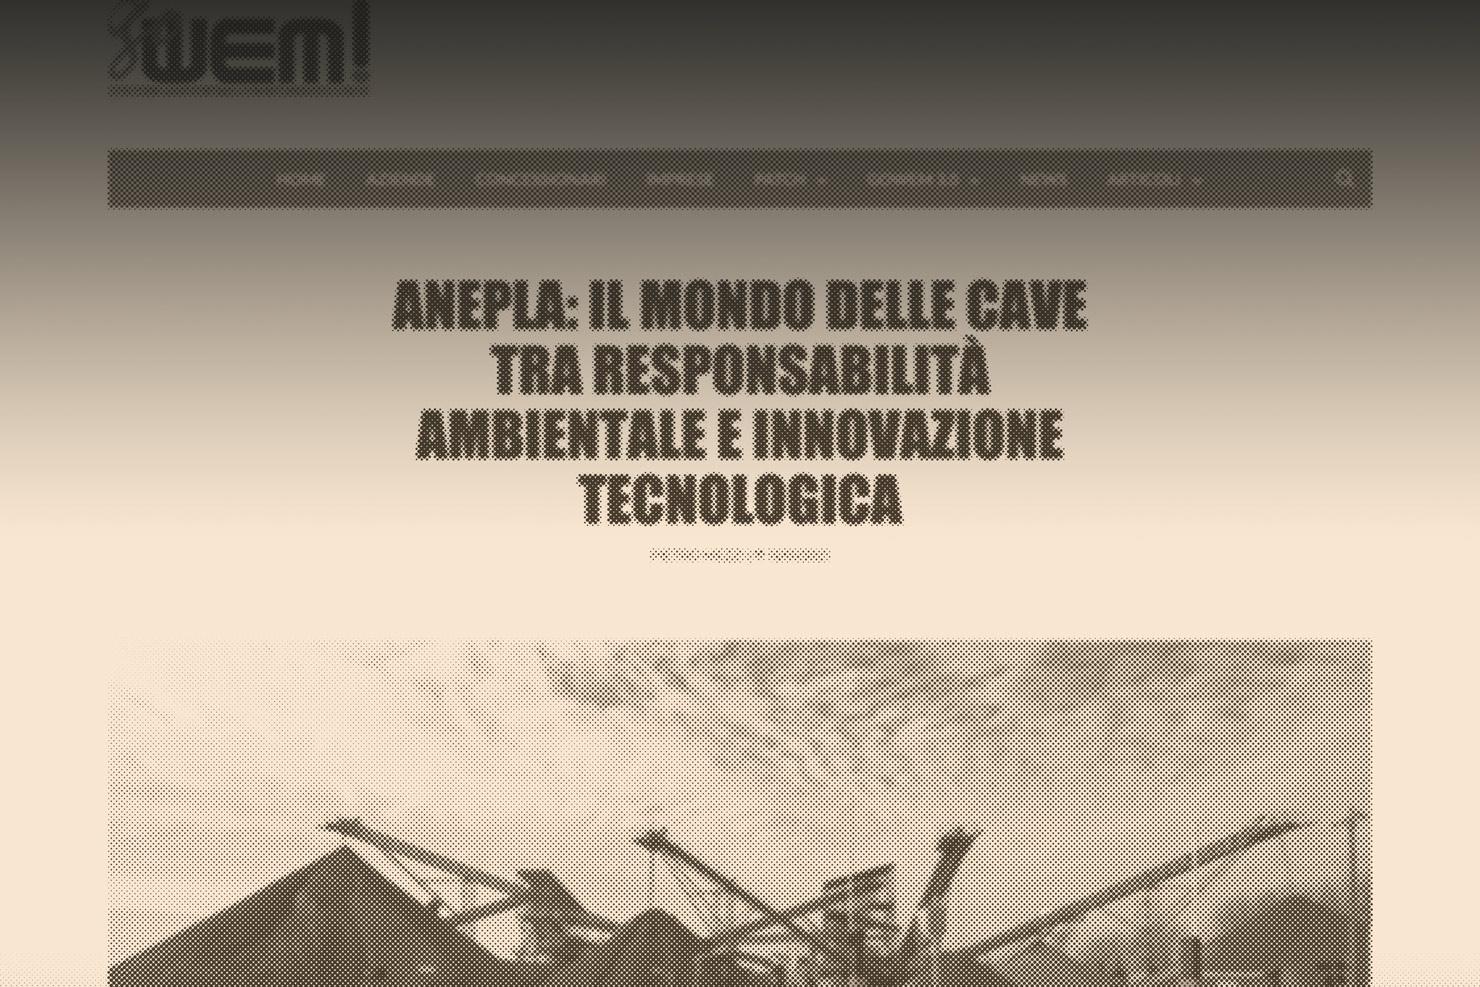 Anepla: il mondo delle cave tra responsabilità ambientale e innovazione tecnologica